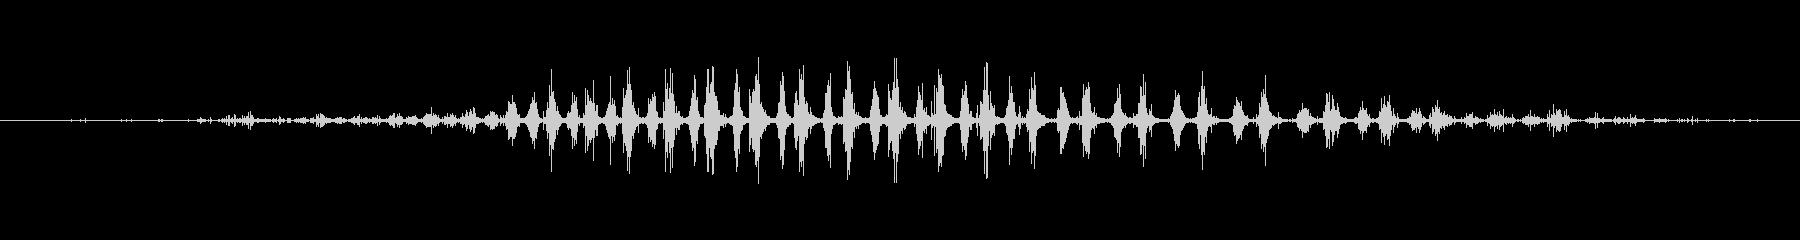 シェーカー ウッドラトルダイナミック05の未再生の波形